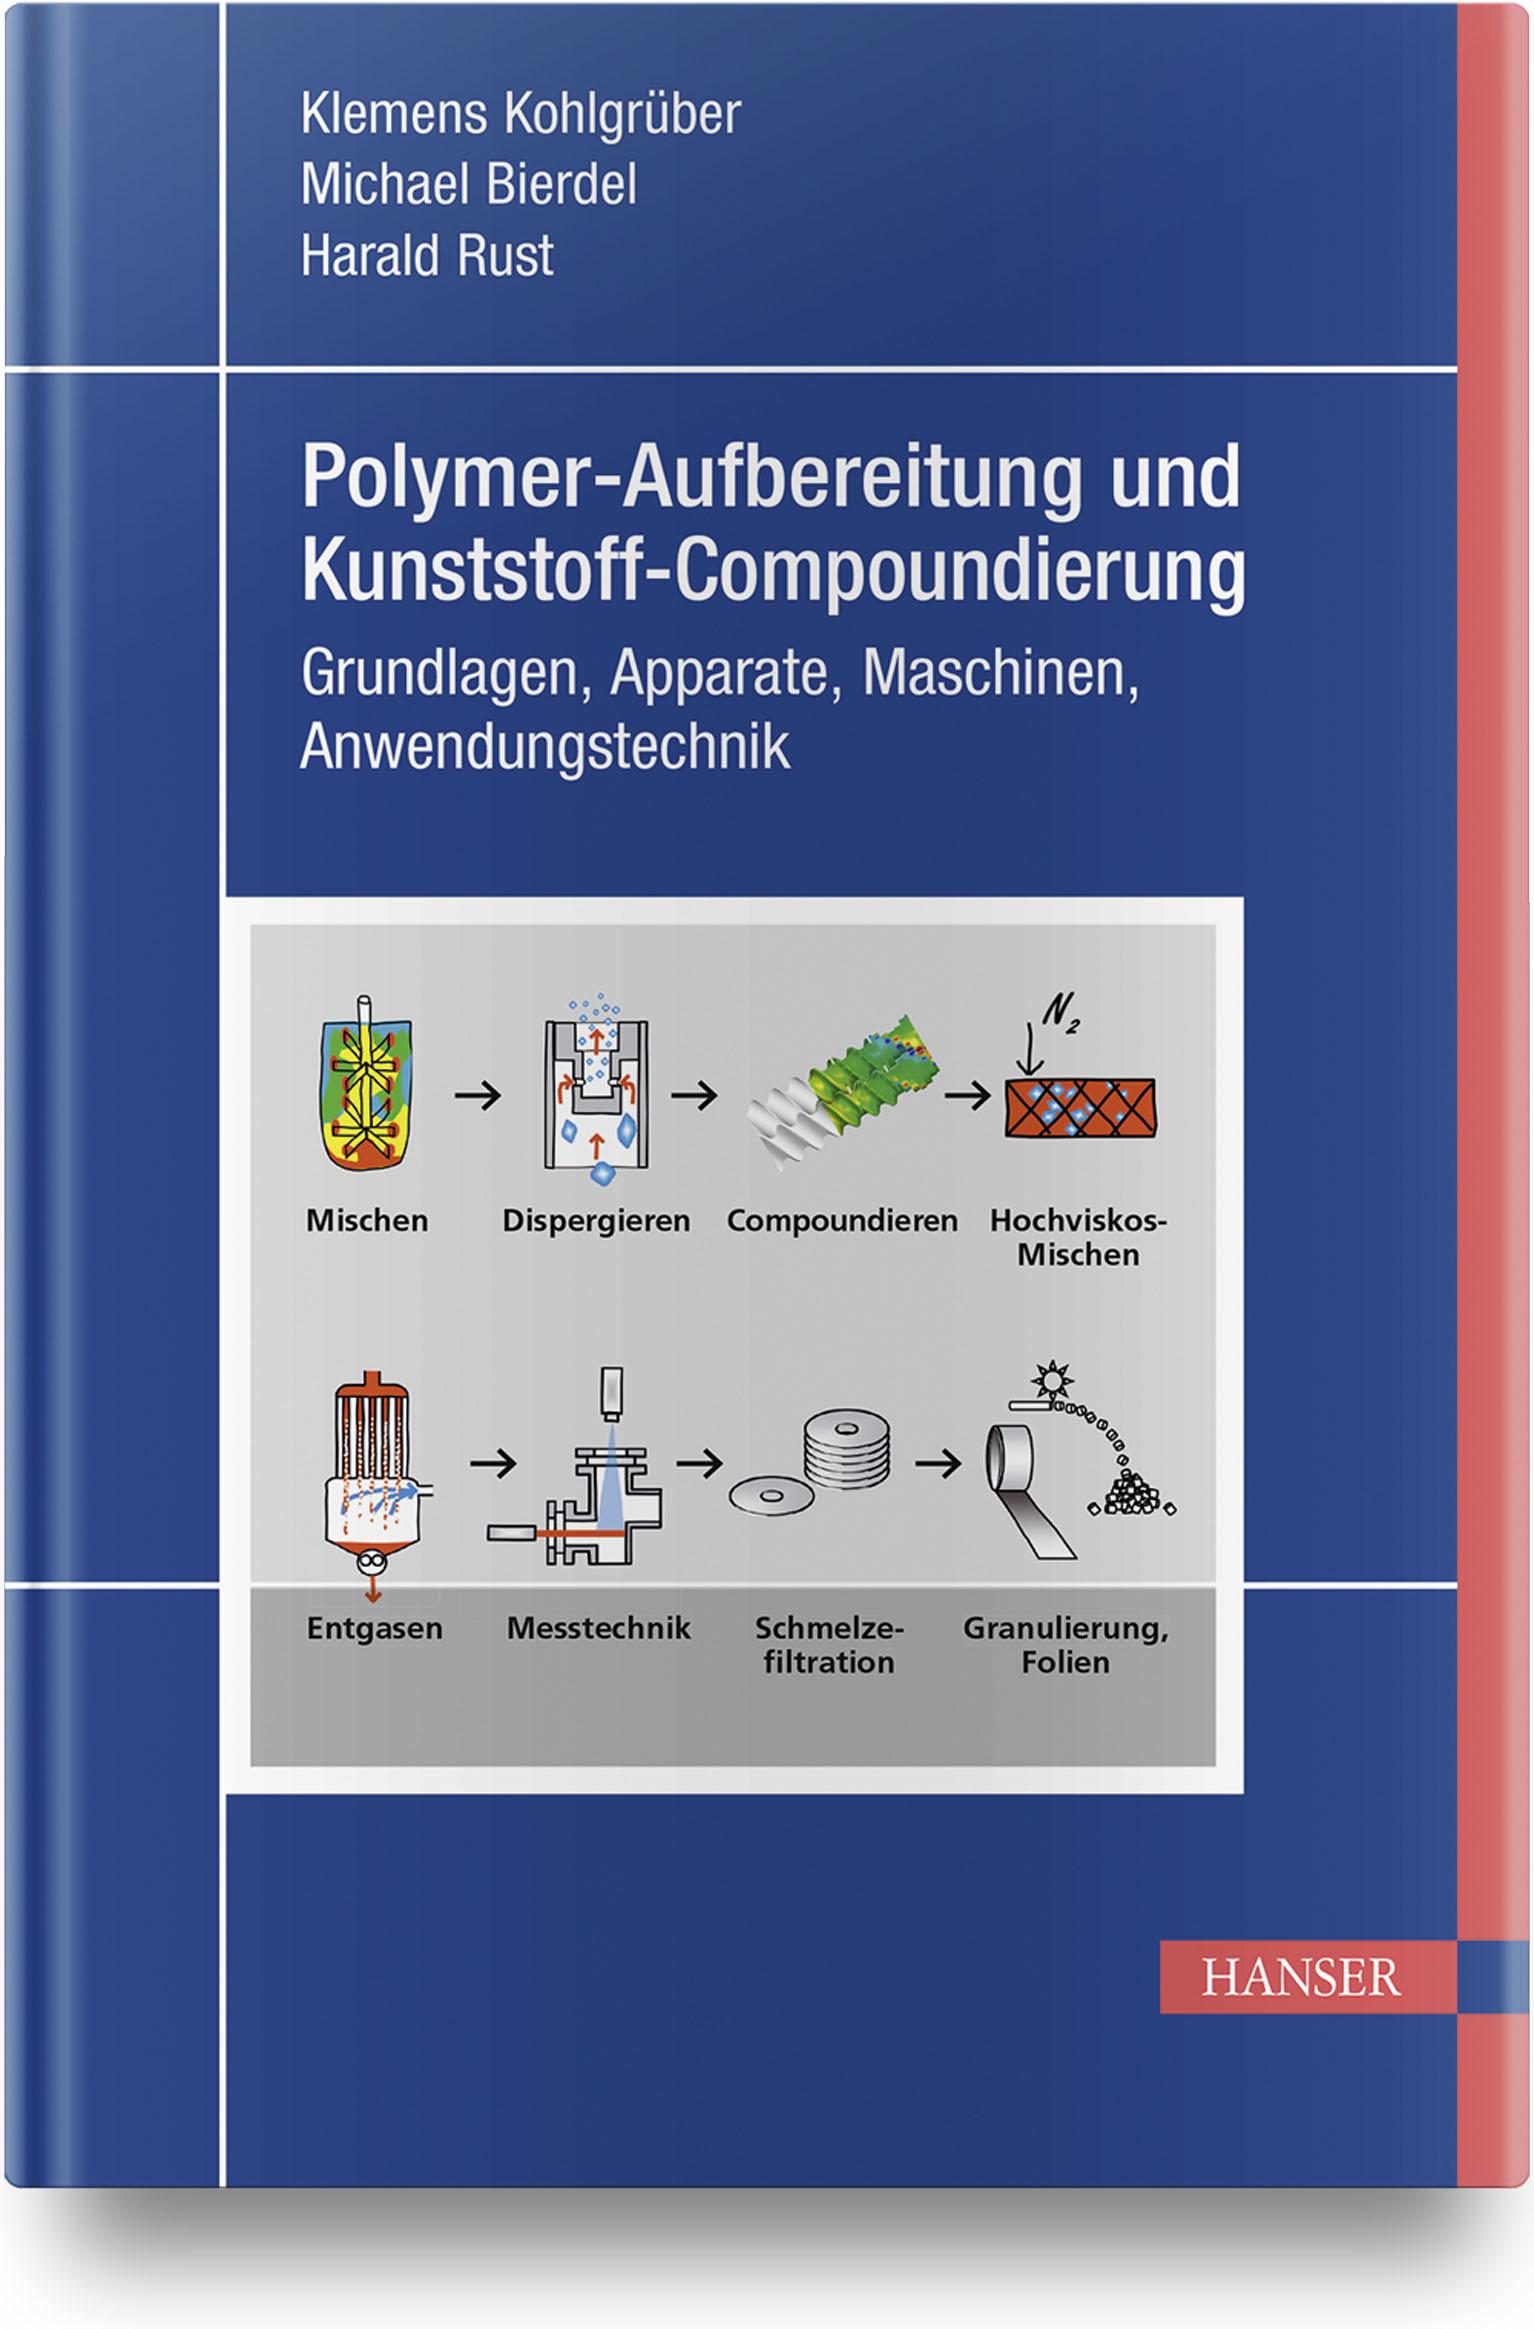 Kohlgrüber, Bierdel, Rust, Polymer-Aufbereitung und Kunststoff-Compoundierung, 978-3-446-45832-1